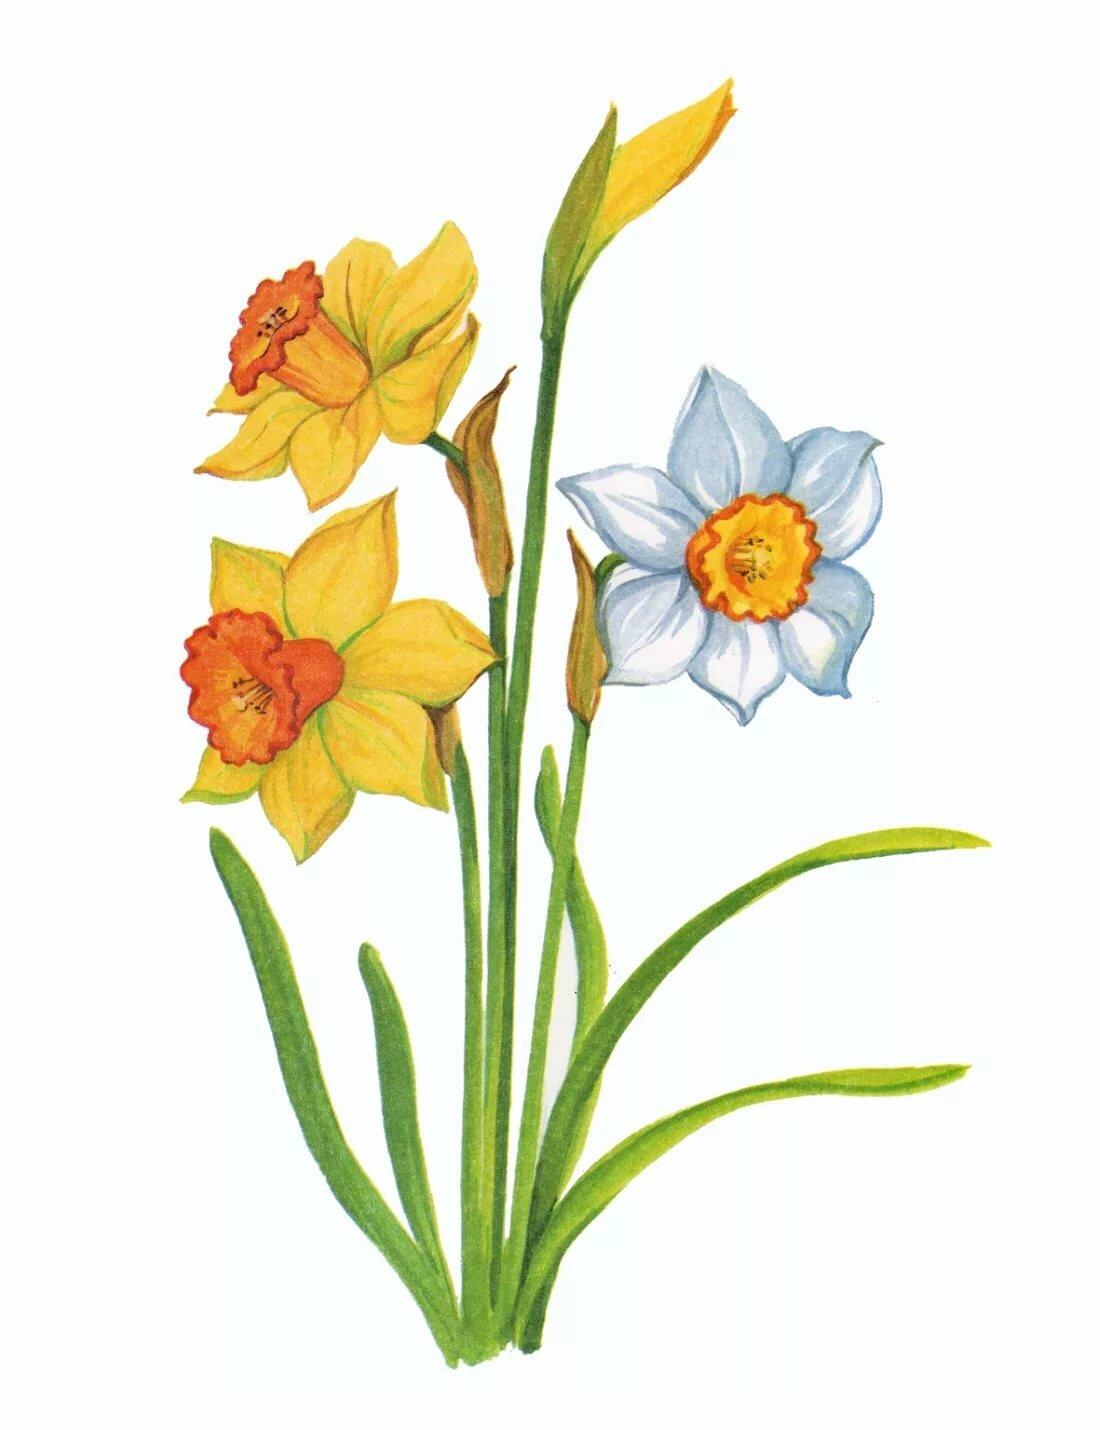 растения давно картинки цветов нарисовать детям градостроительного зонирования карта